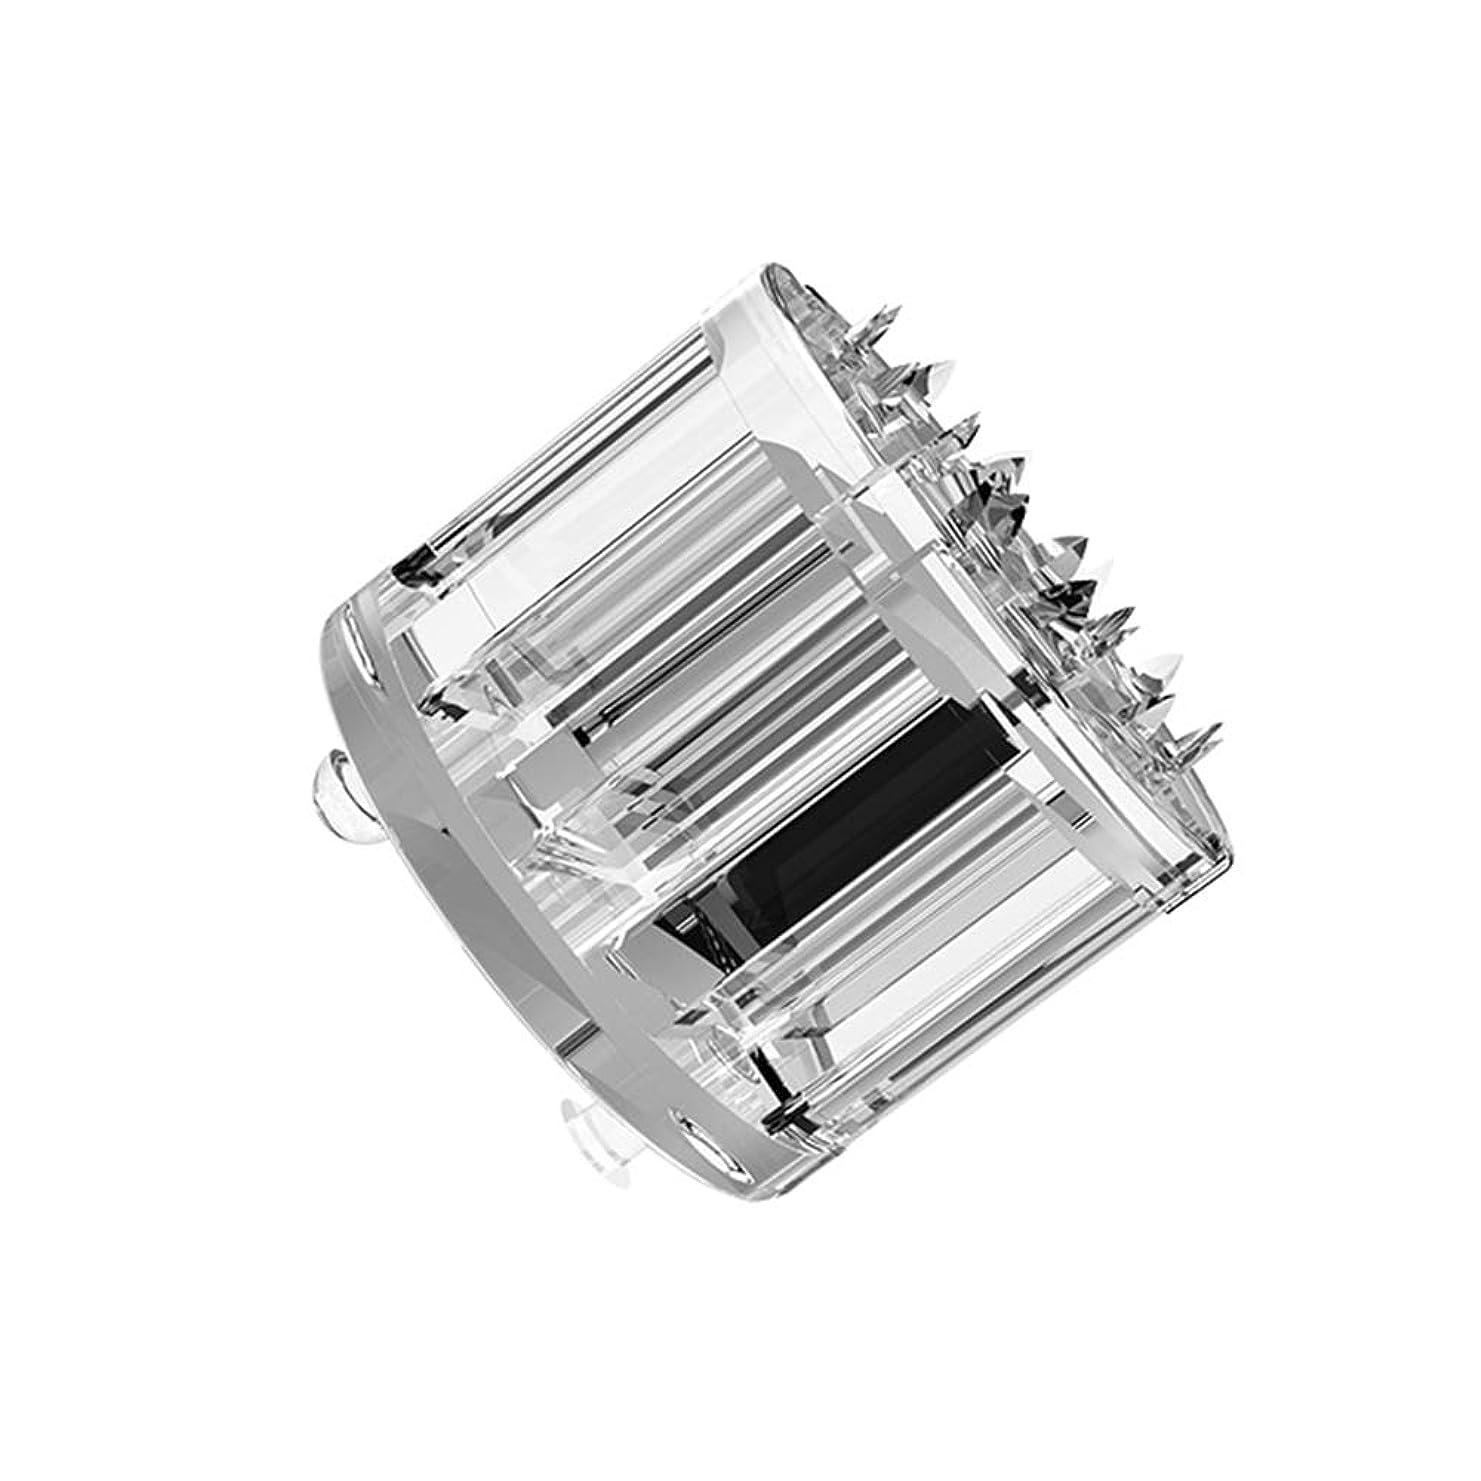 月曜飼いならす焦げMTS Home Care Micro pin-10ea (ticktok用) ティク ホームケア マイクロピン 化粧品の浸透 コラーゲン 肌の弾力 アップ マイクロピン 毛穴や小じわ 角質ケア